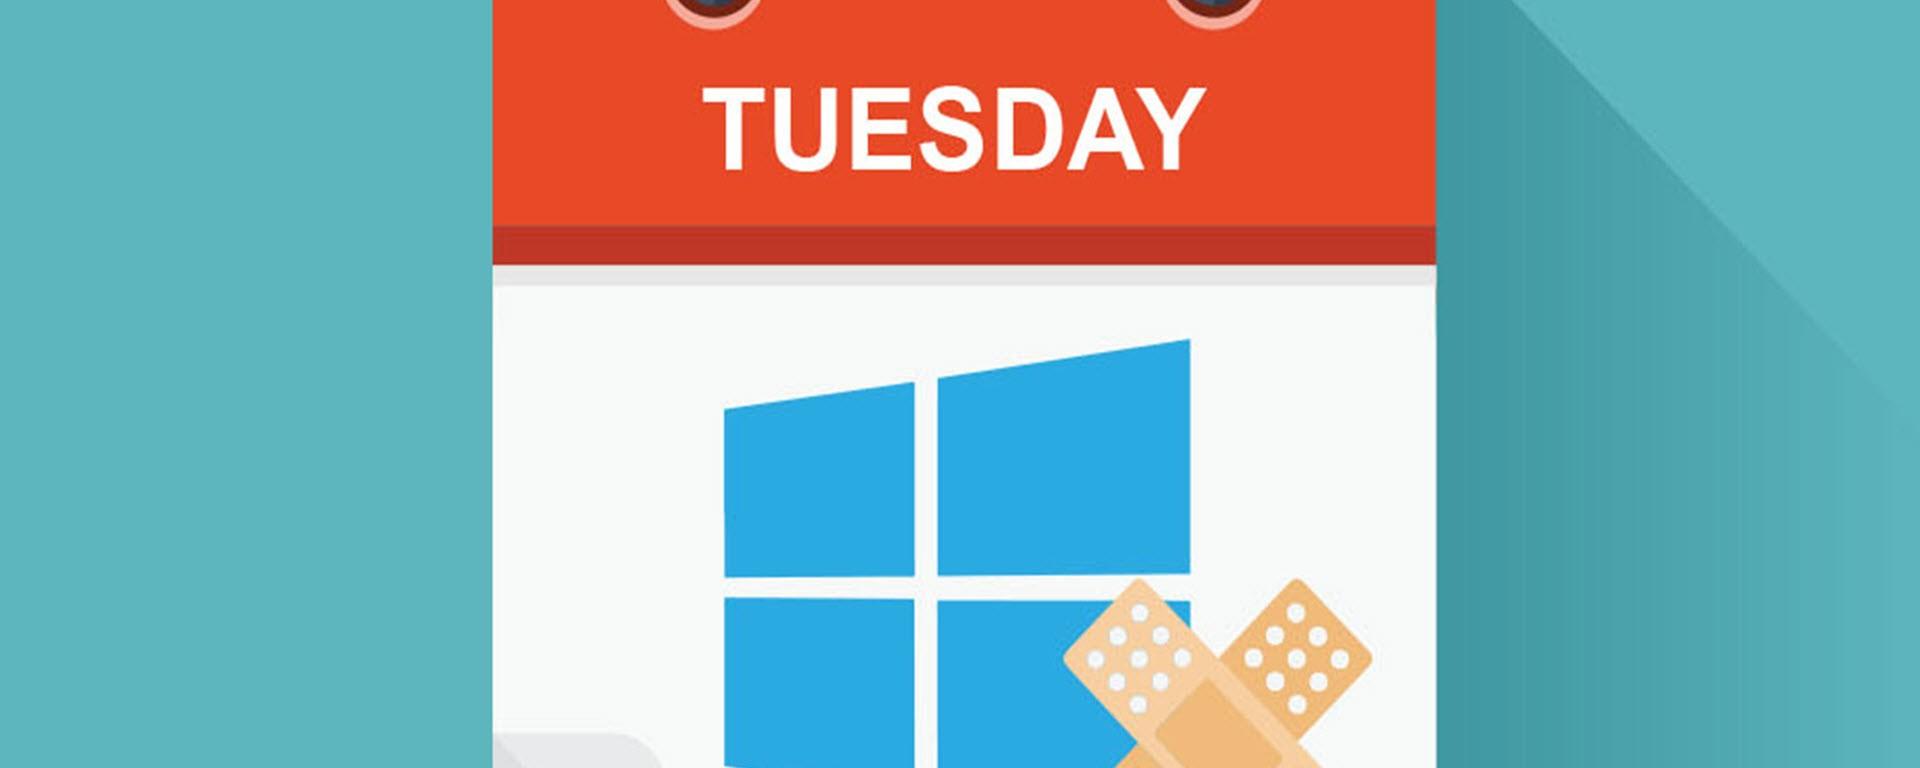 Parches de Microsoft en Febrero de 2019 (llega el patch tuesday)